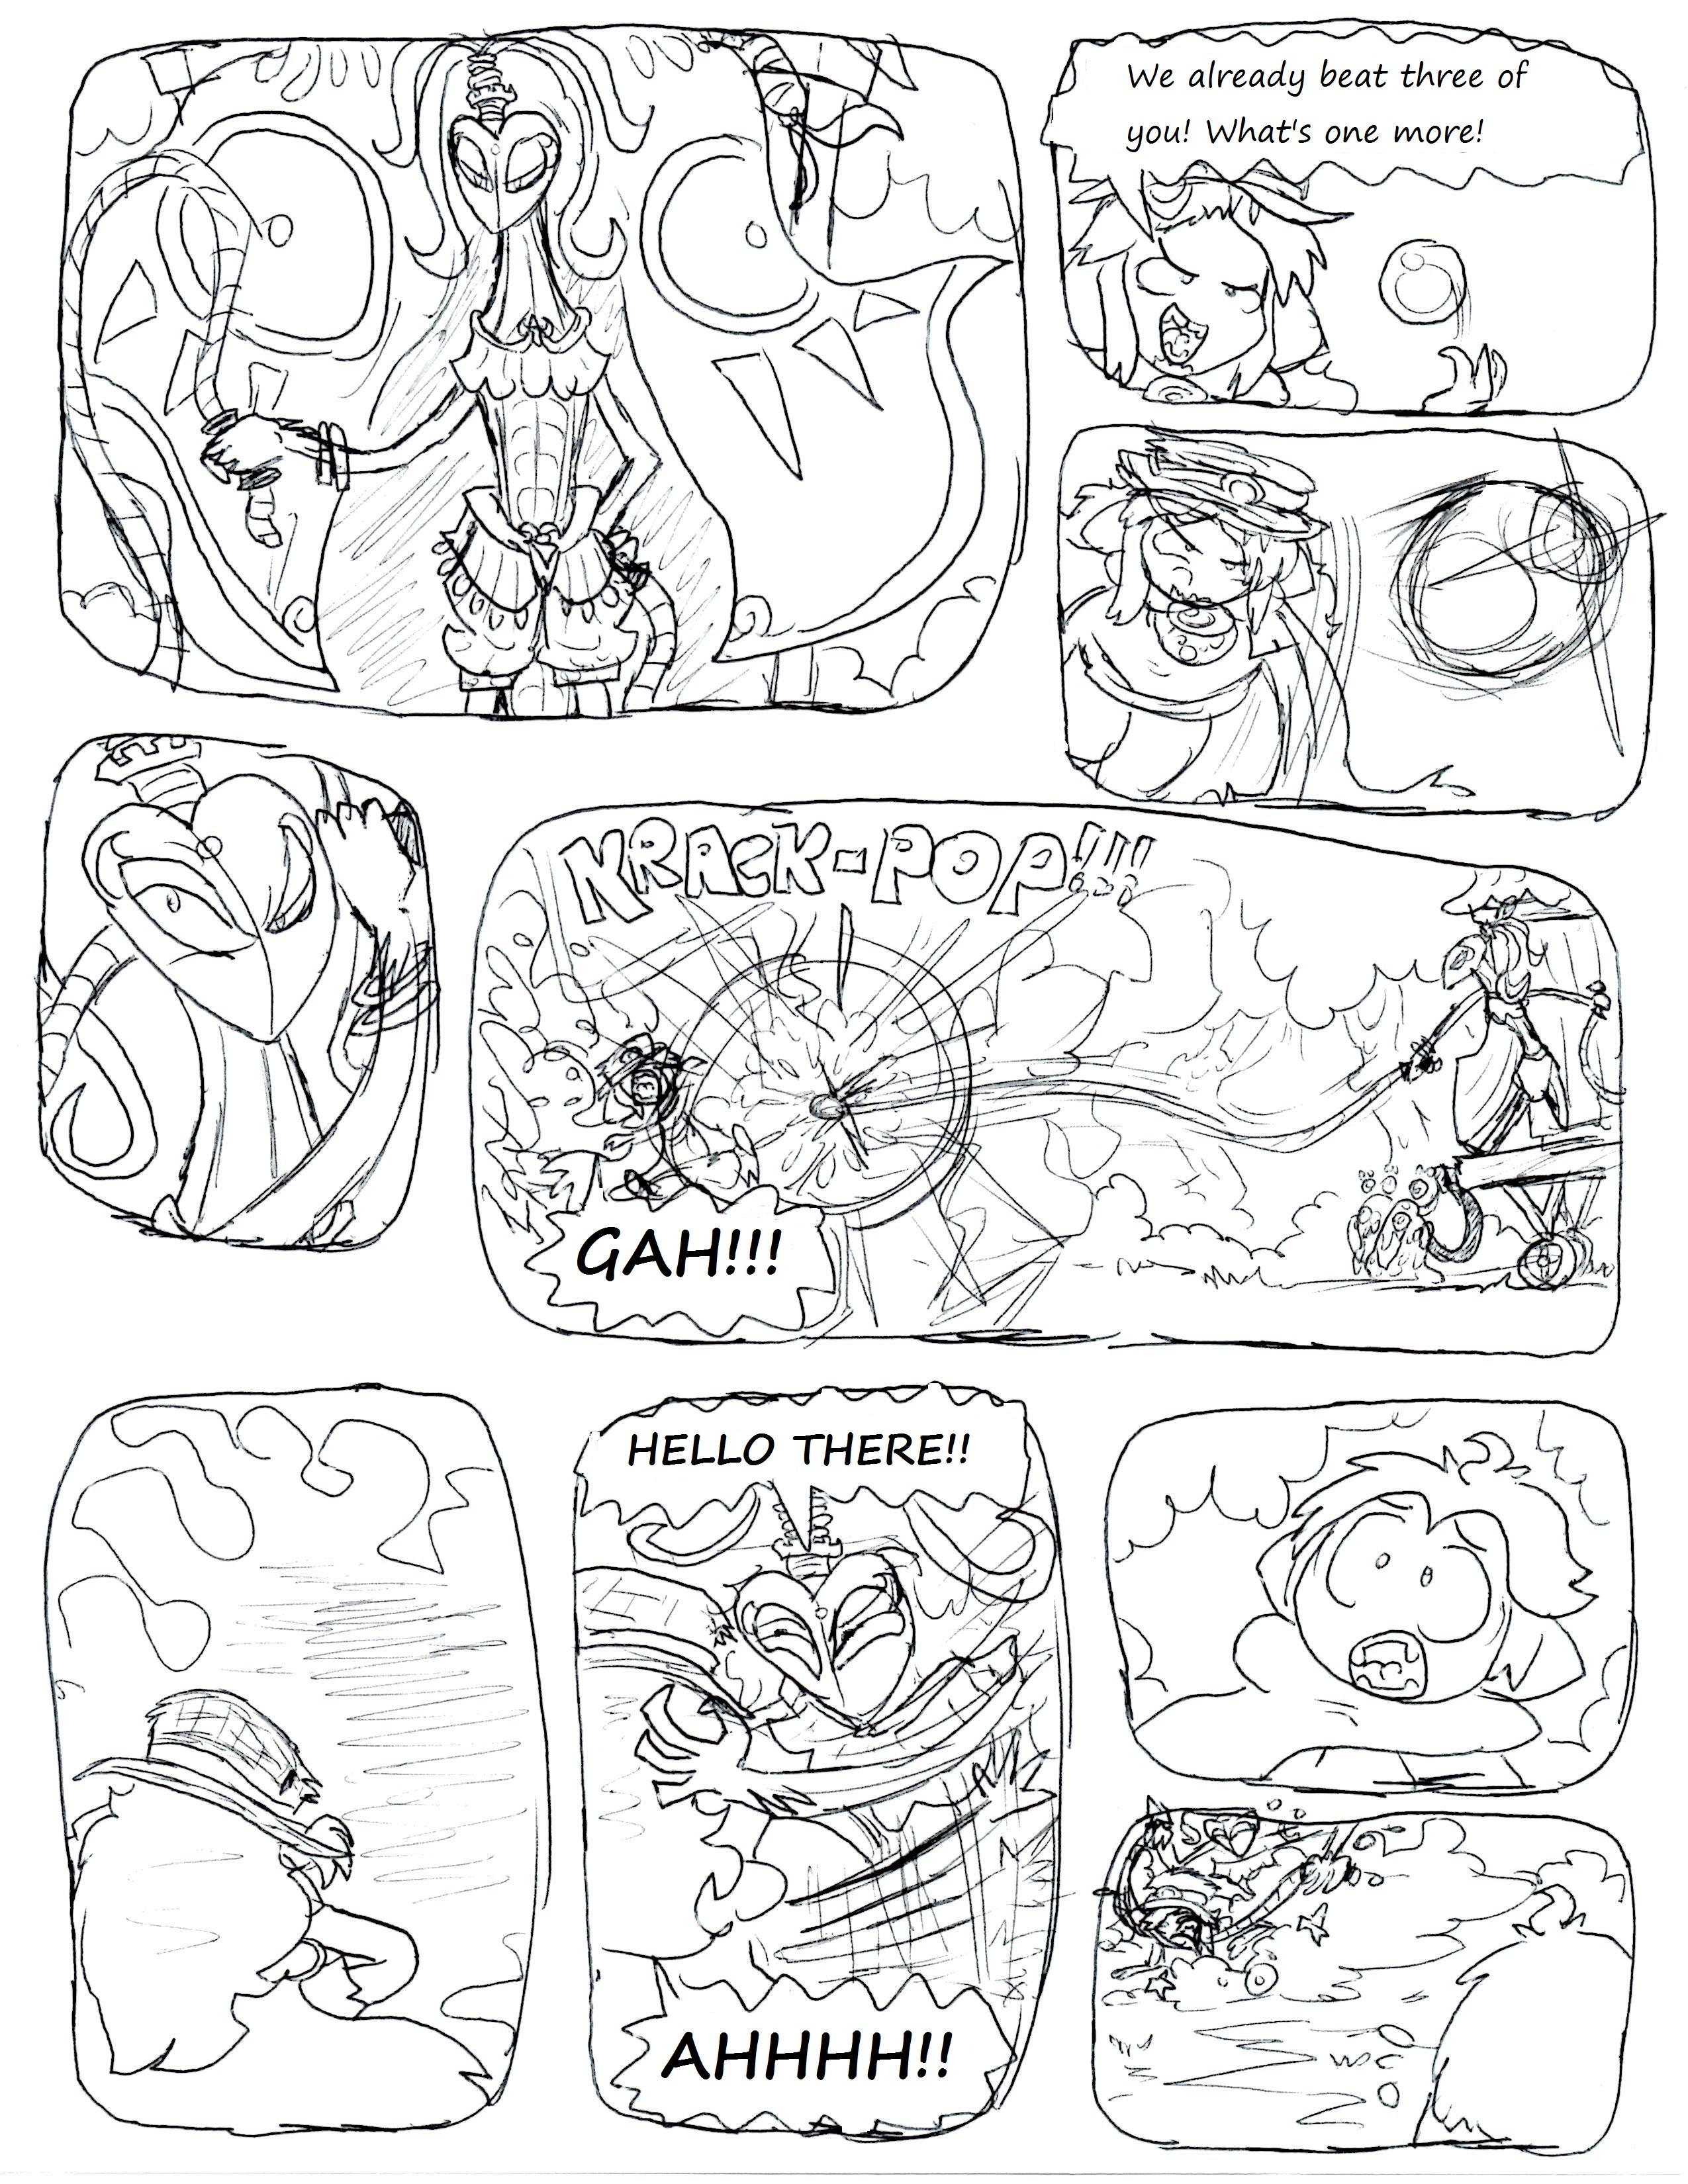 COV5 Page 61